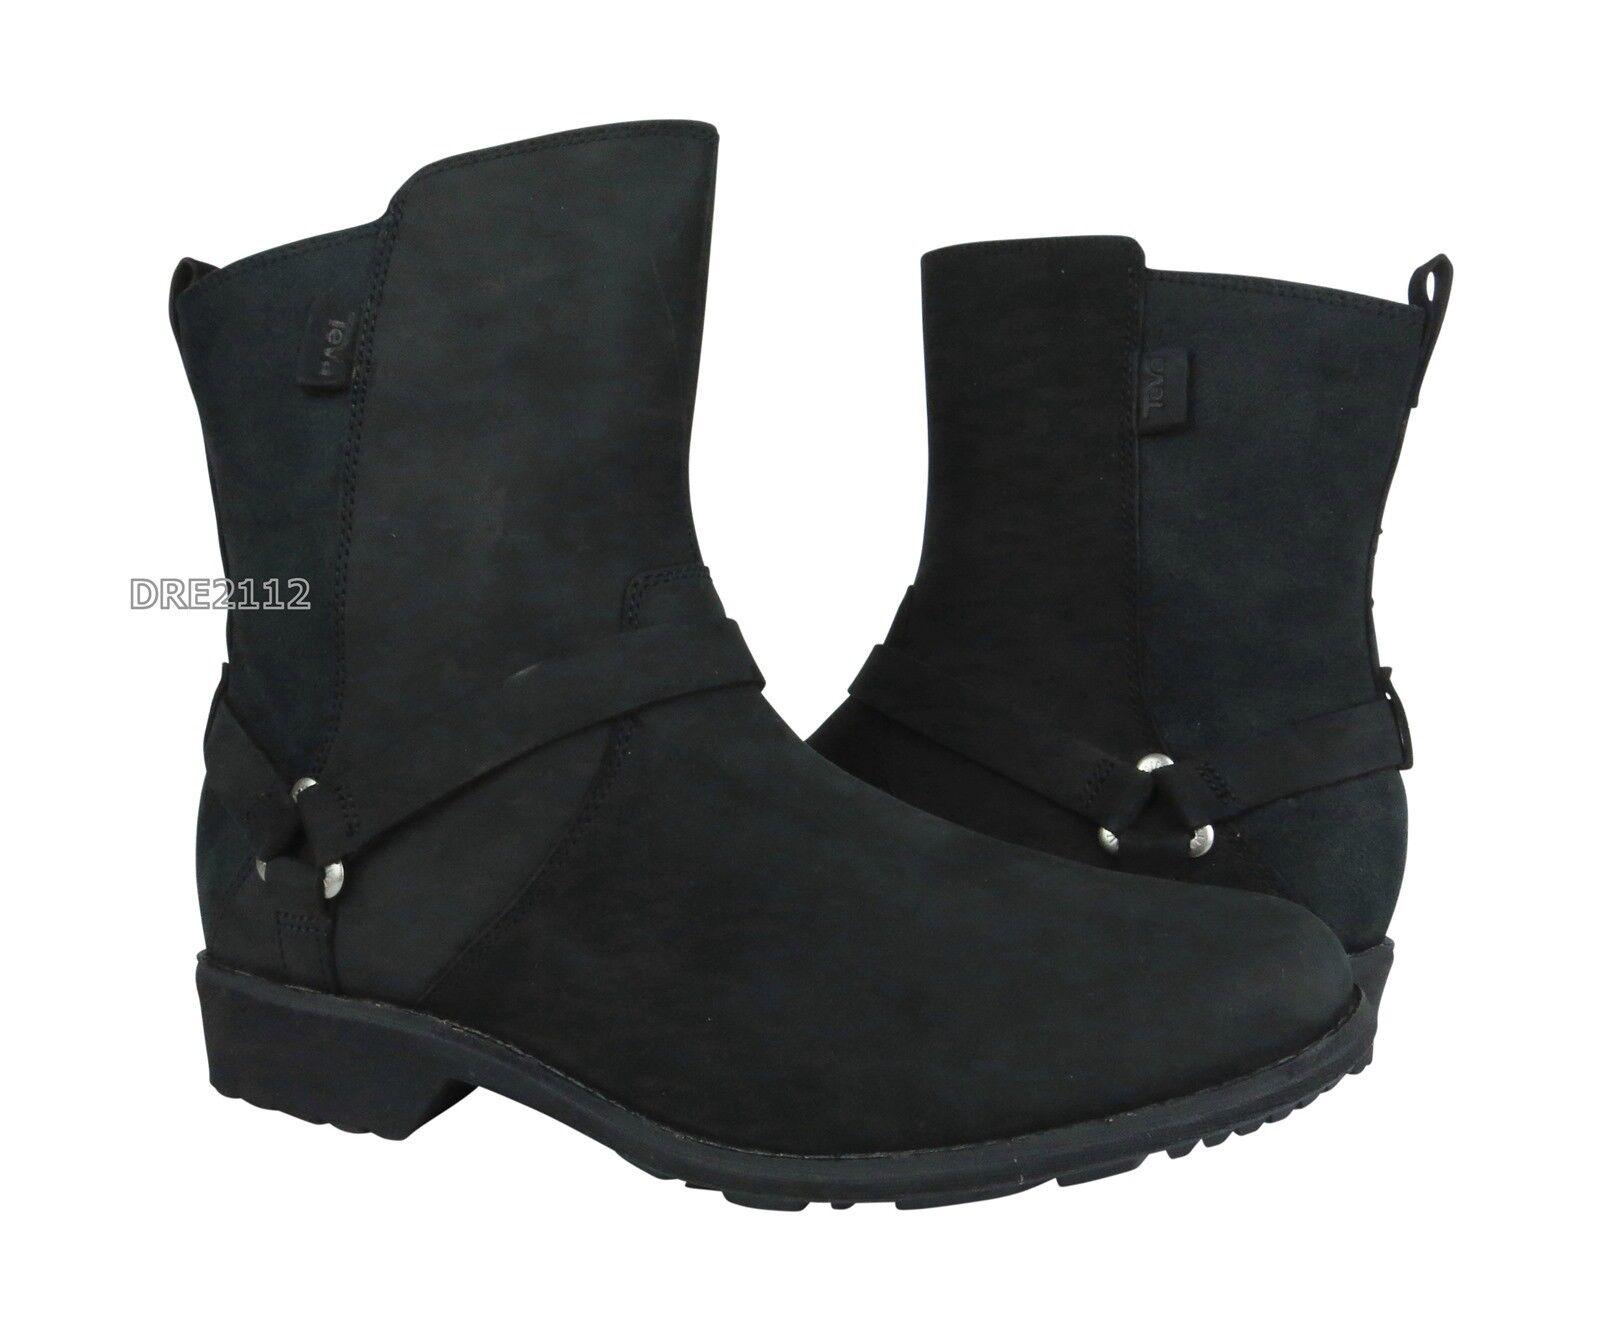 risparmia fino al 30-50% di sconto Teva De La Vina Dos nero Delavina Delavina Delavina Leather stivali donna Dimensione 7.5 NIB  qualità garantita